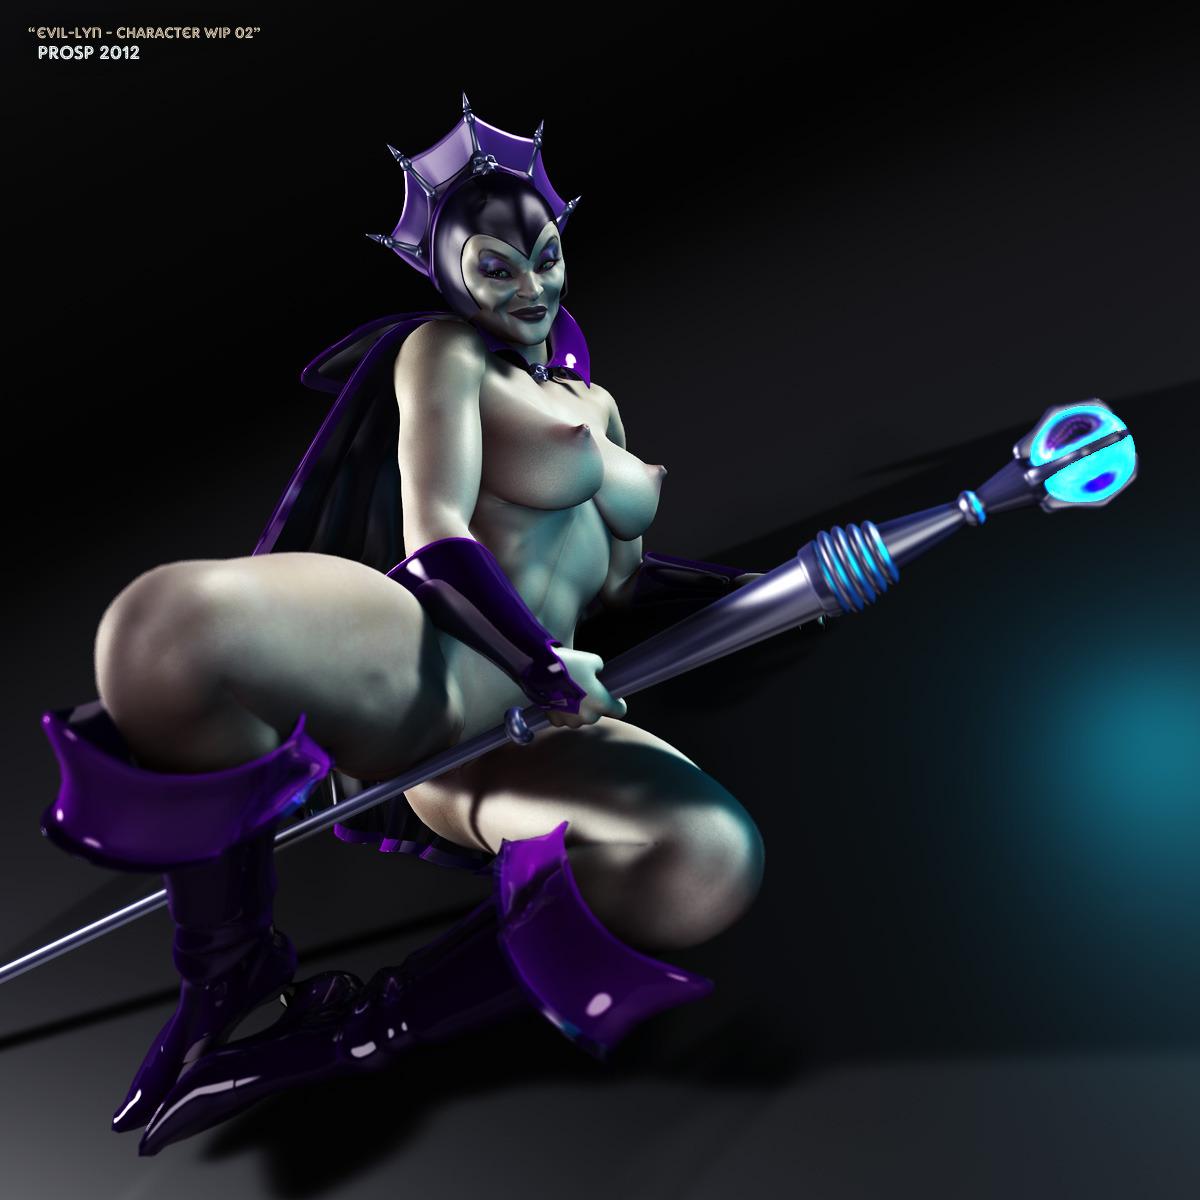 Evil-Lyn WIP 03